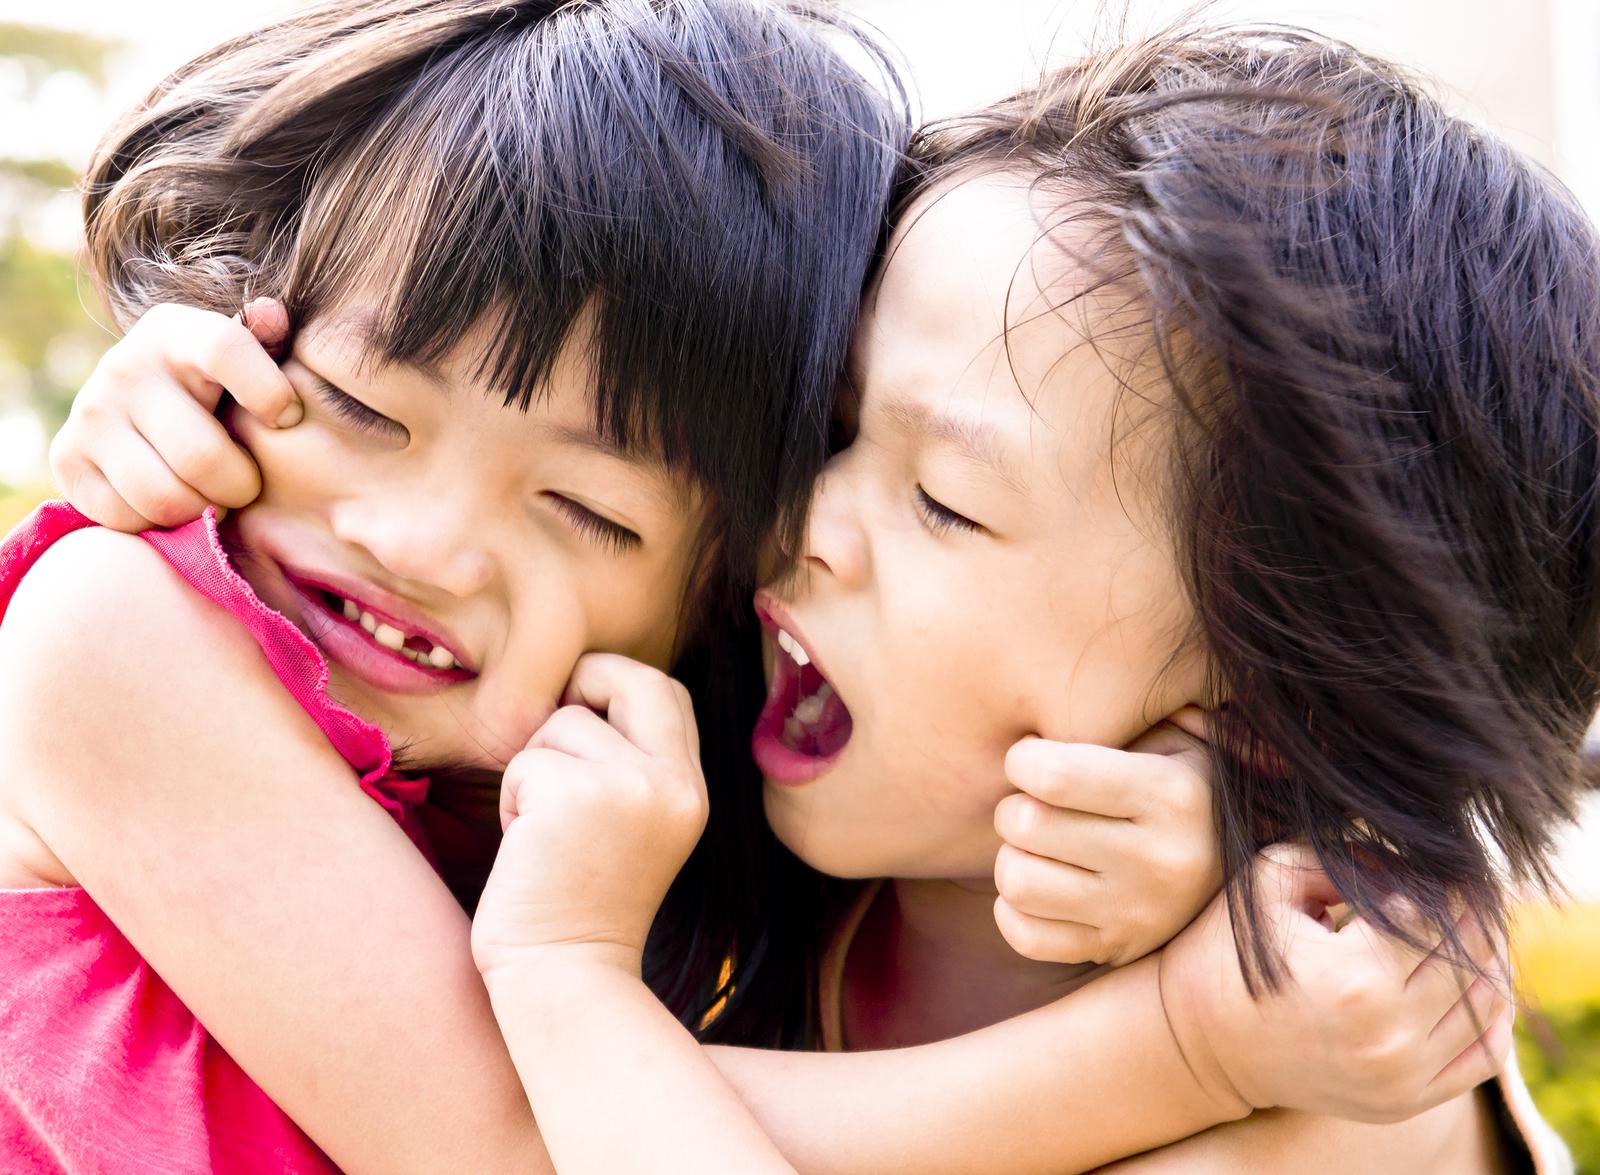 Zwei Schwestern streiten sich